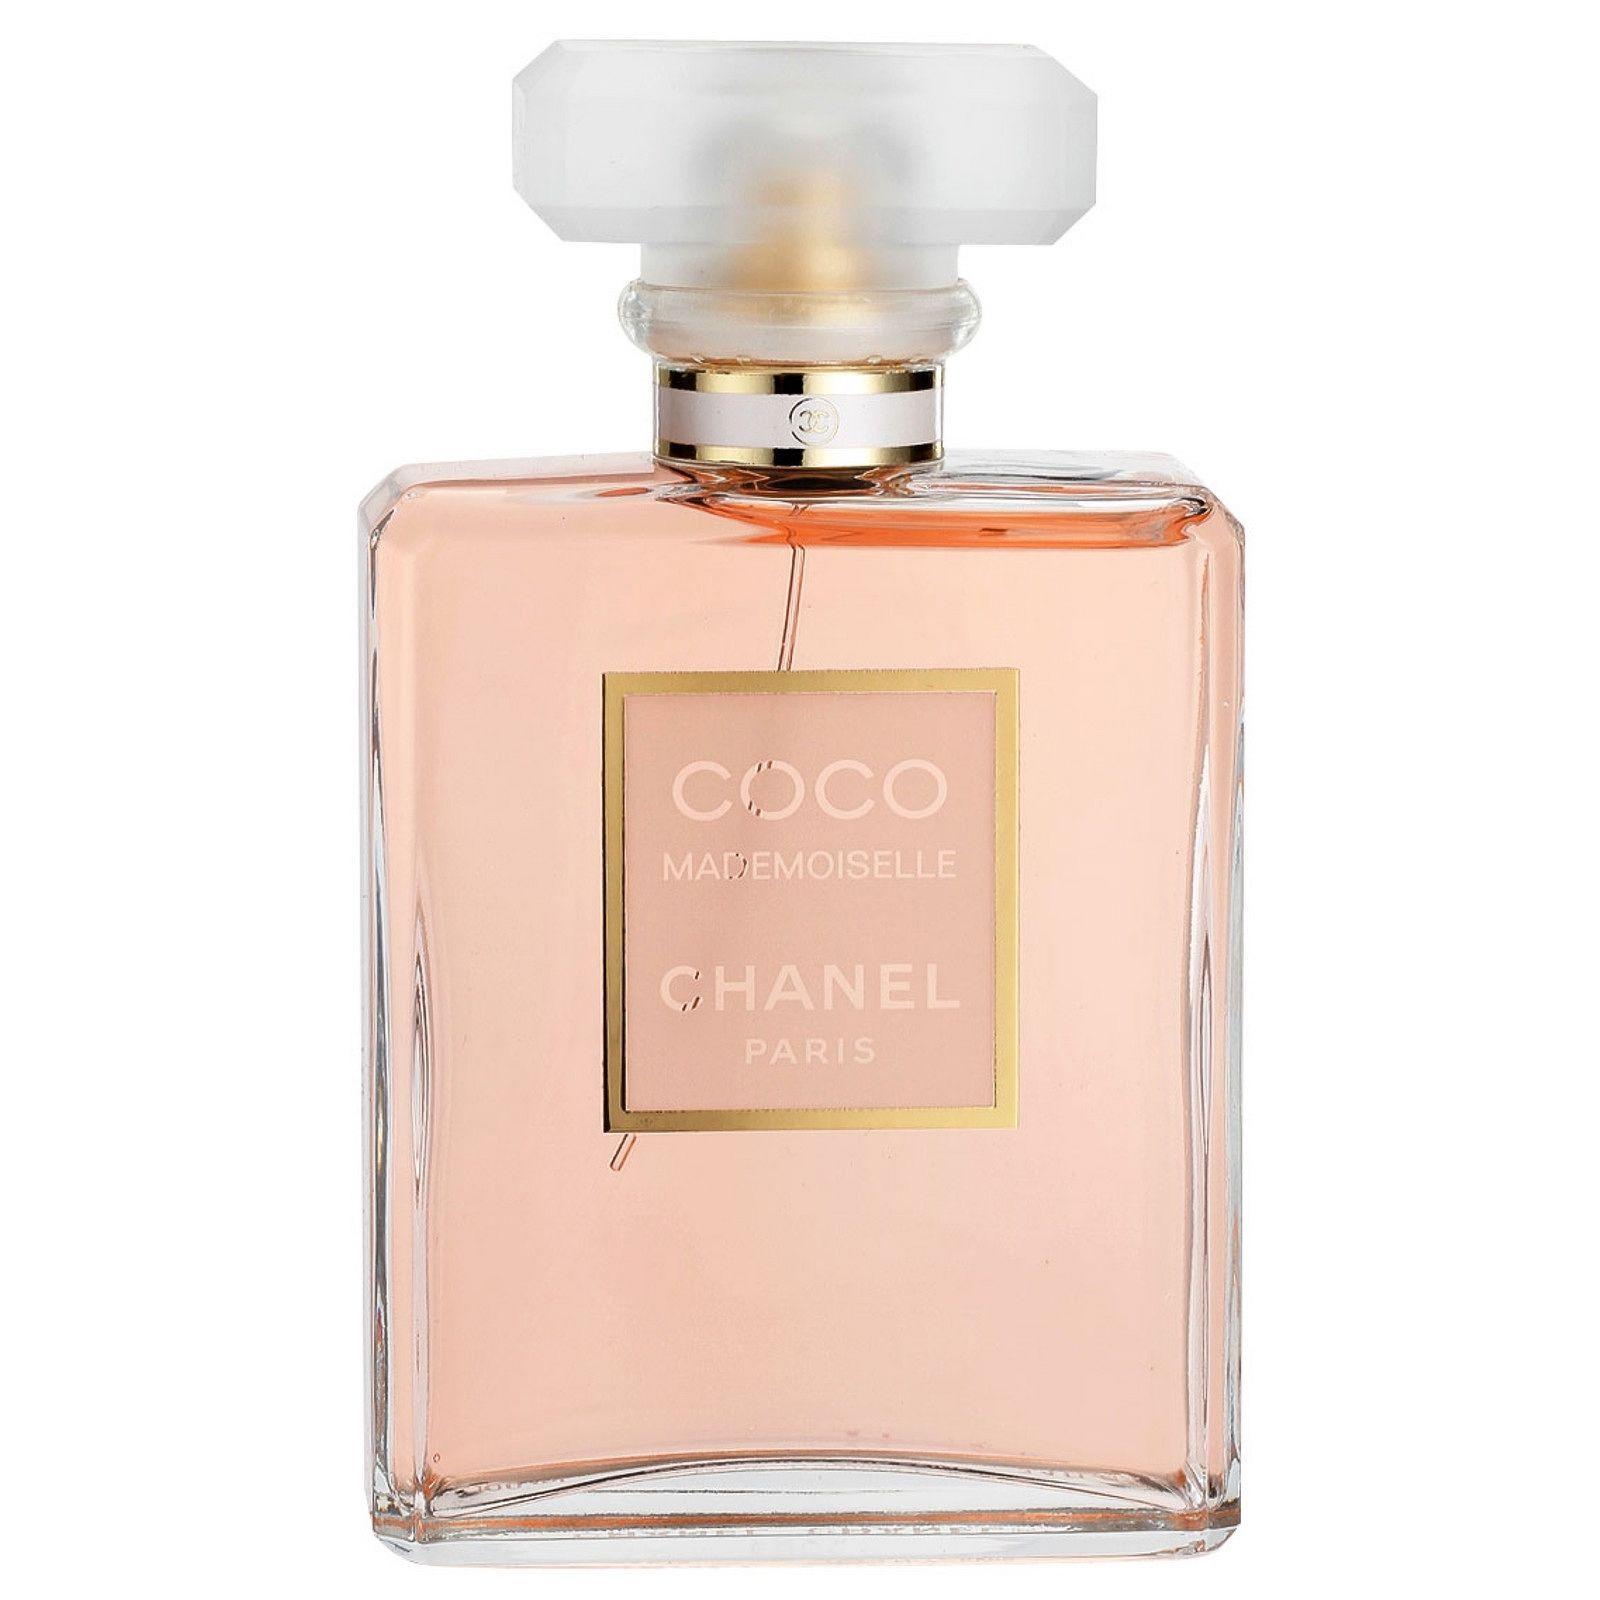 Parfum Coco Chanel Mademoiselle Pret Pareri Topparfumuriro